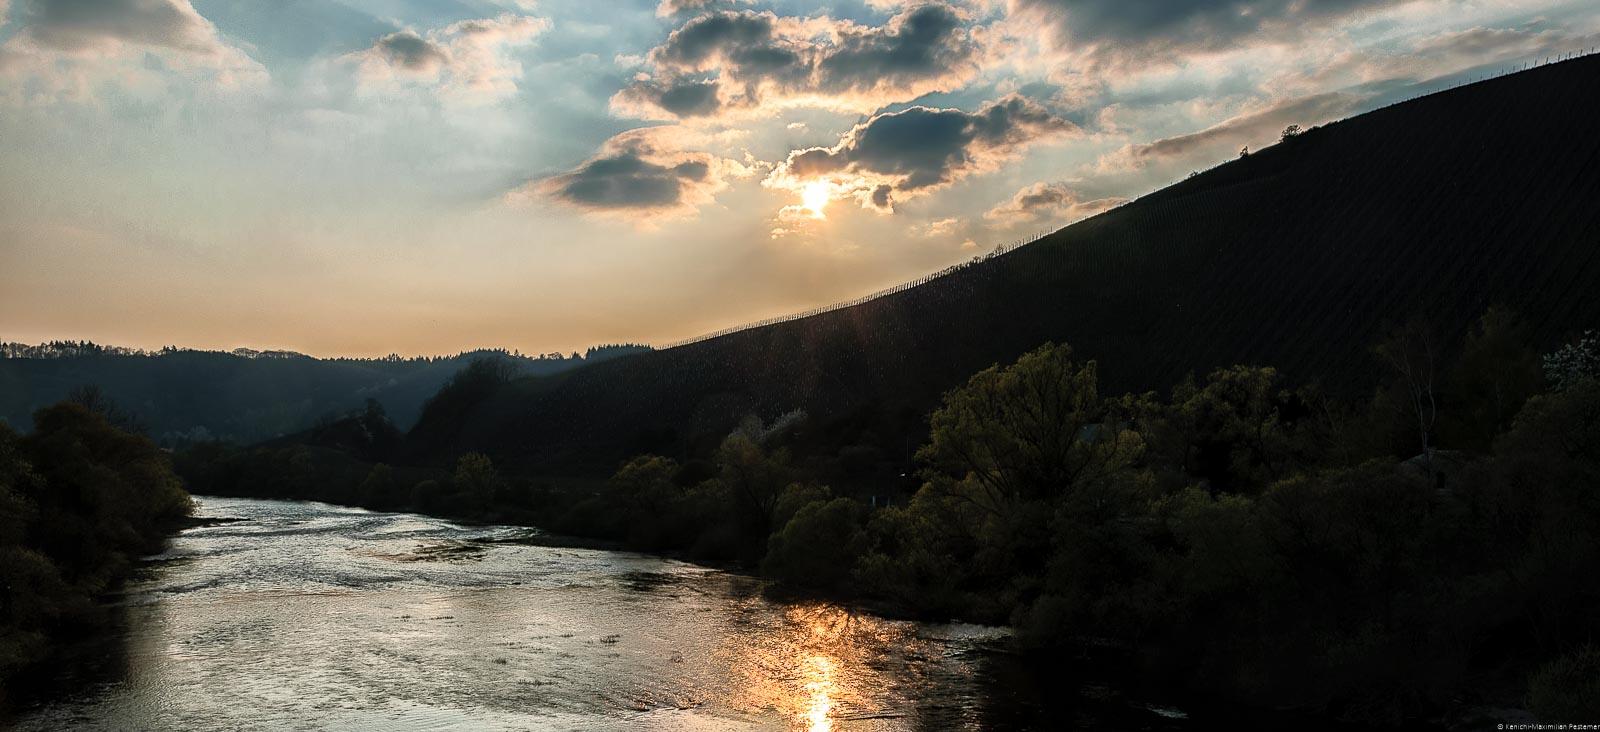 Kontrastreicher Sonnenuntergang in Kanzem; Blog Bild für Vinaet